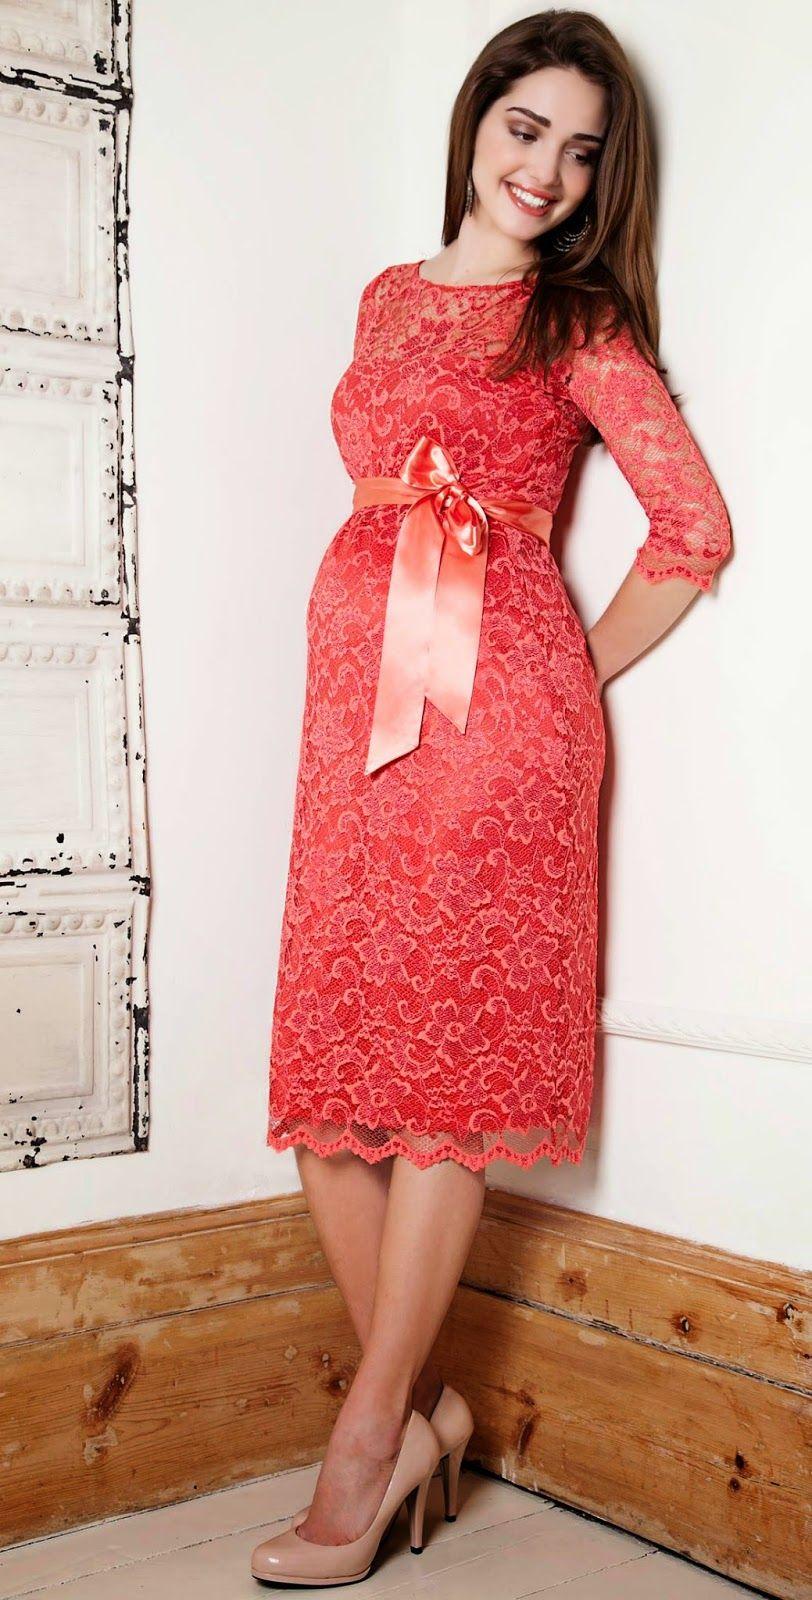 d955b0846 Excelentes alternativas de vestidos de fiesta para embarazadas ...